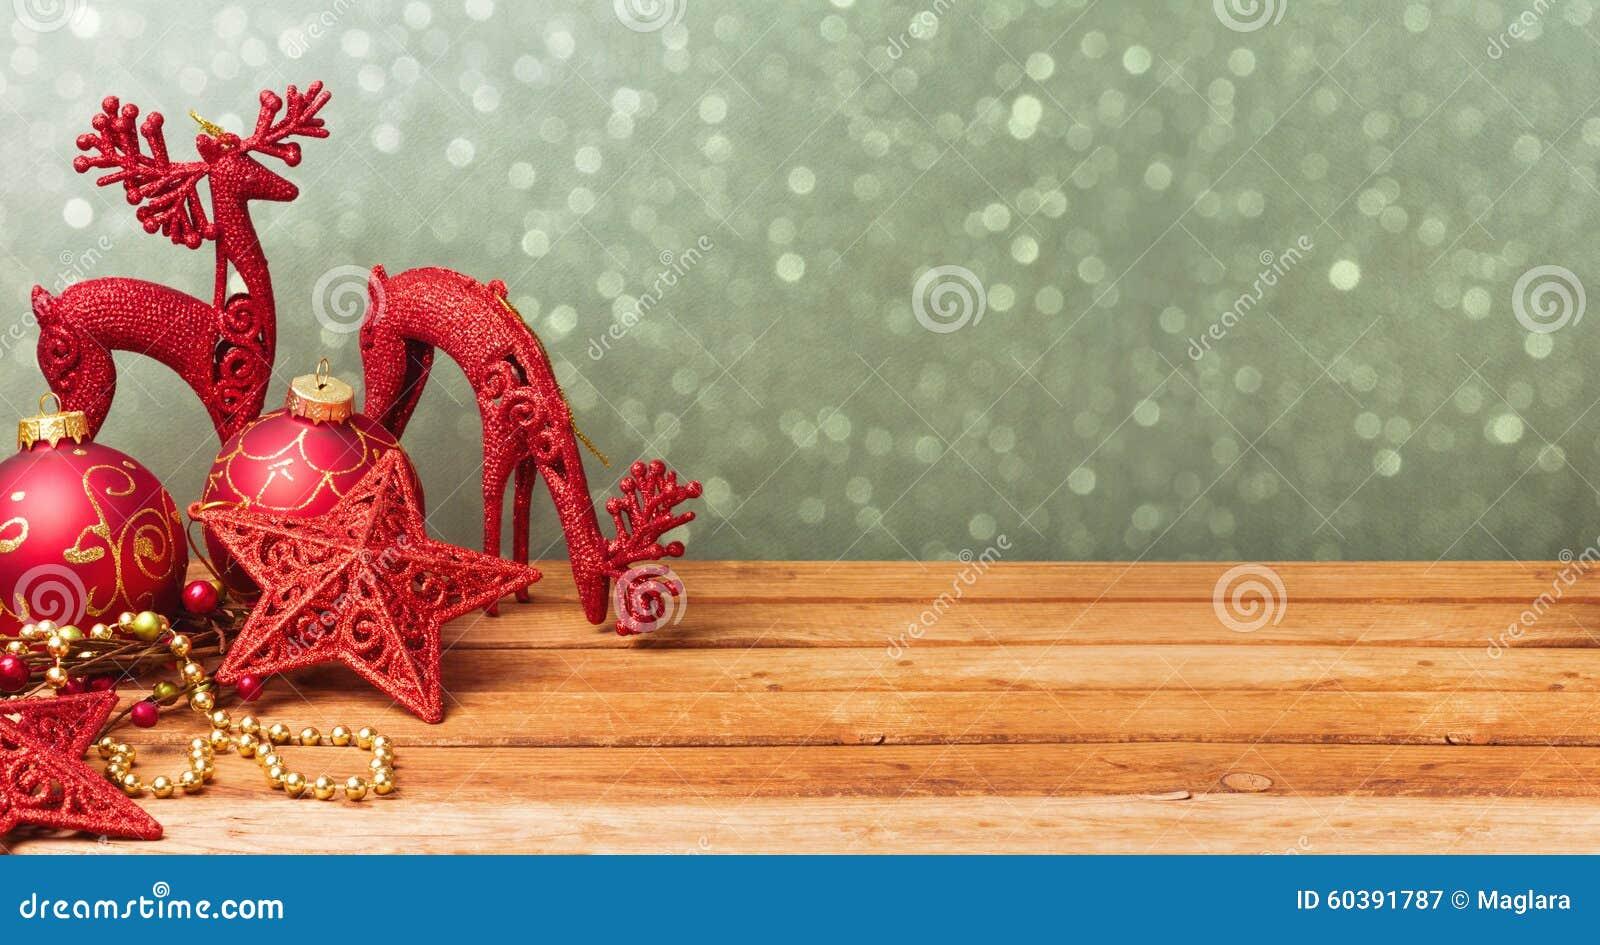 Weihnachtswebsite-Fahnenhintergrund mit Dekorationen auf Holztisch